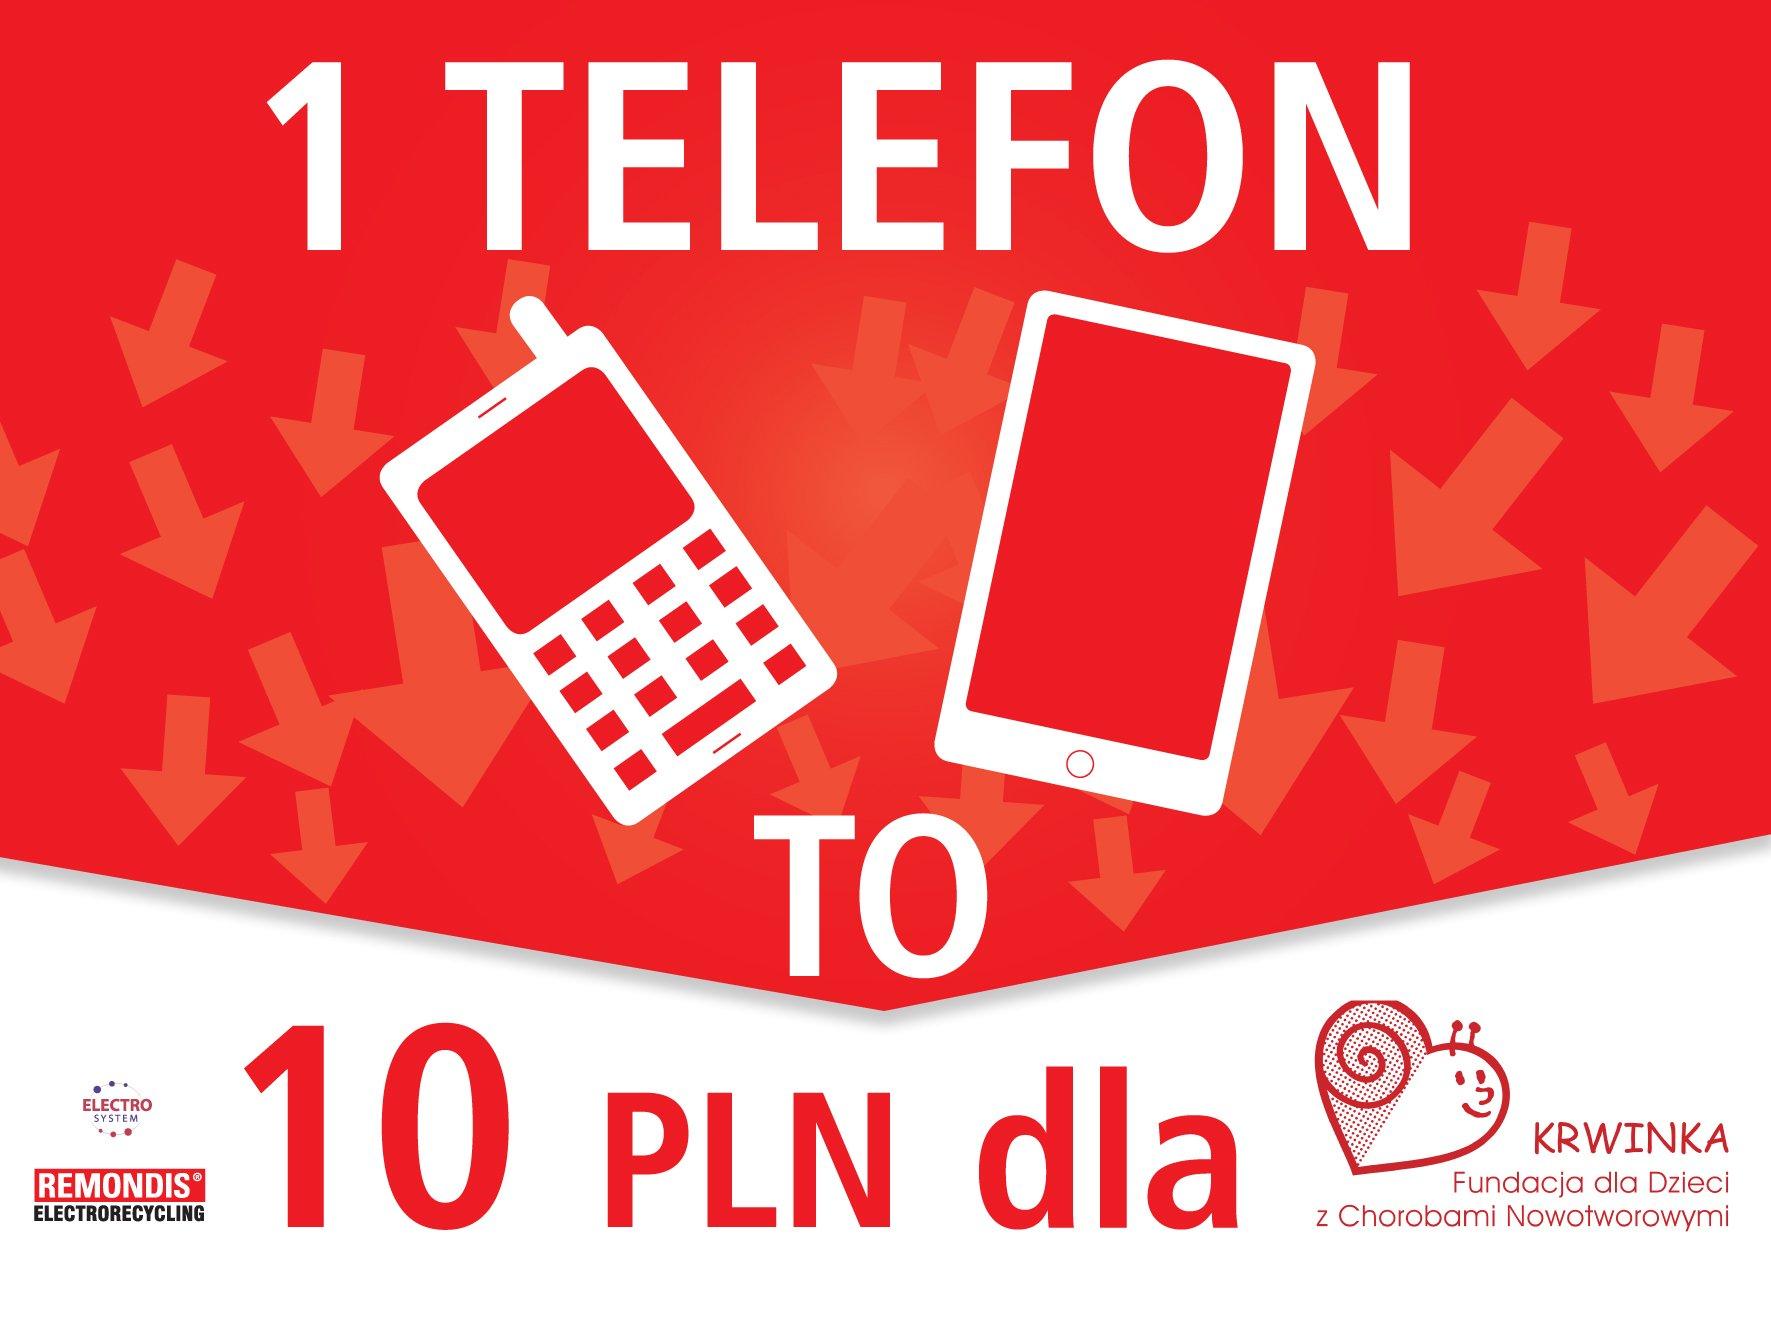 Fundacja Krwinka zbiera używane telefony